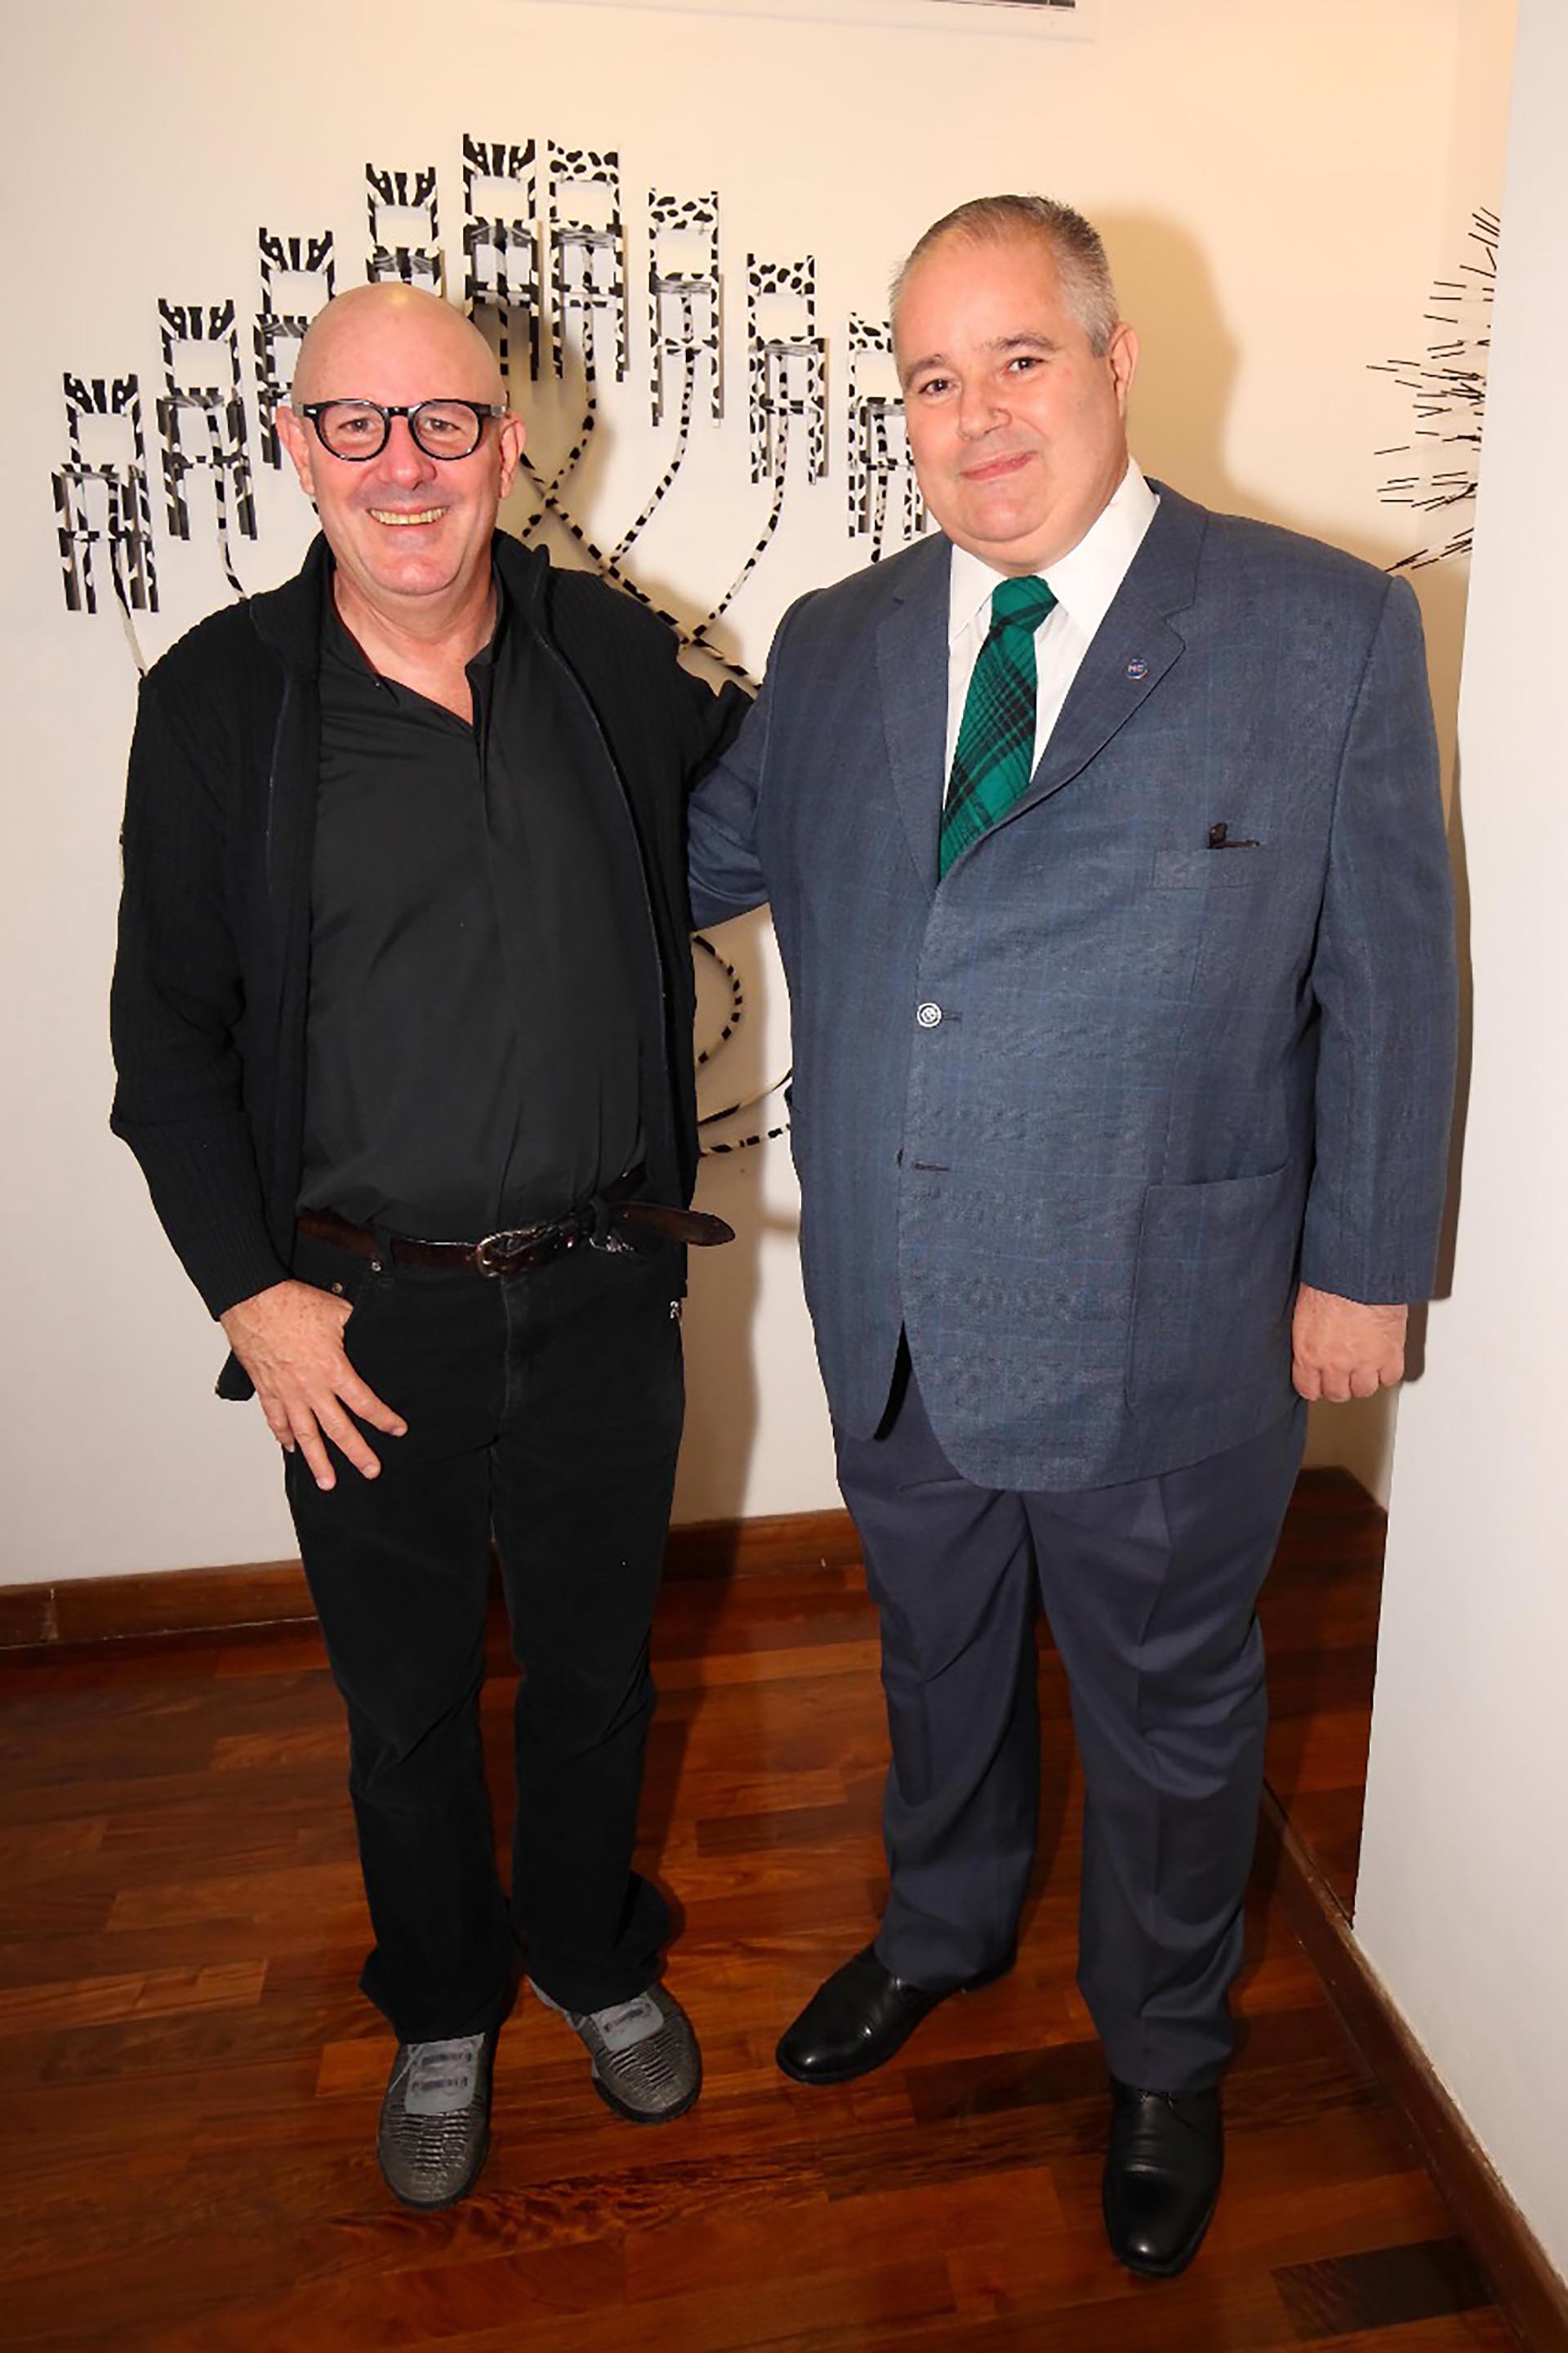 El artista cubano José Franco y el secretario de cultura de Brasil, Henriquez Pires